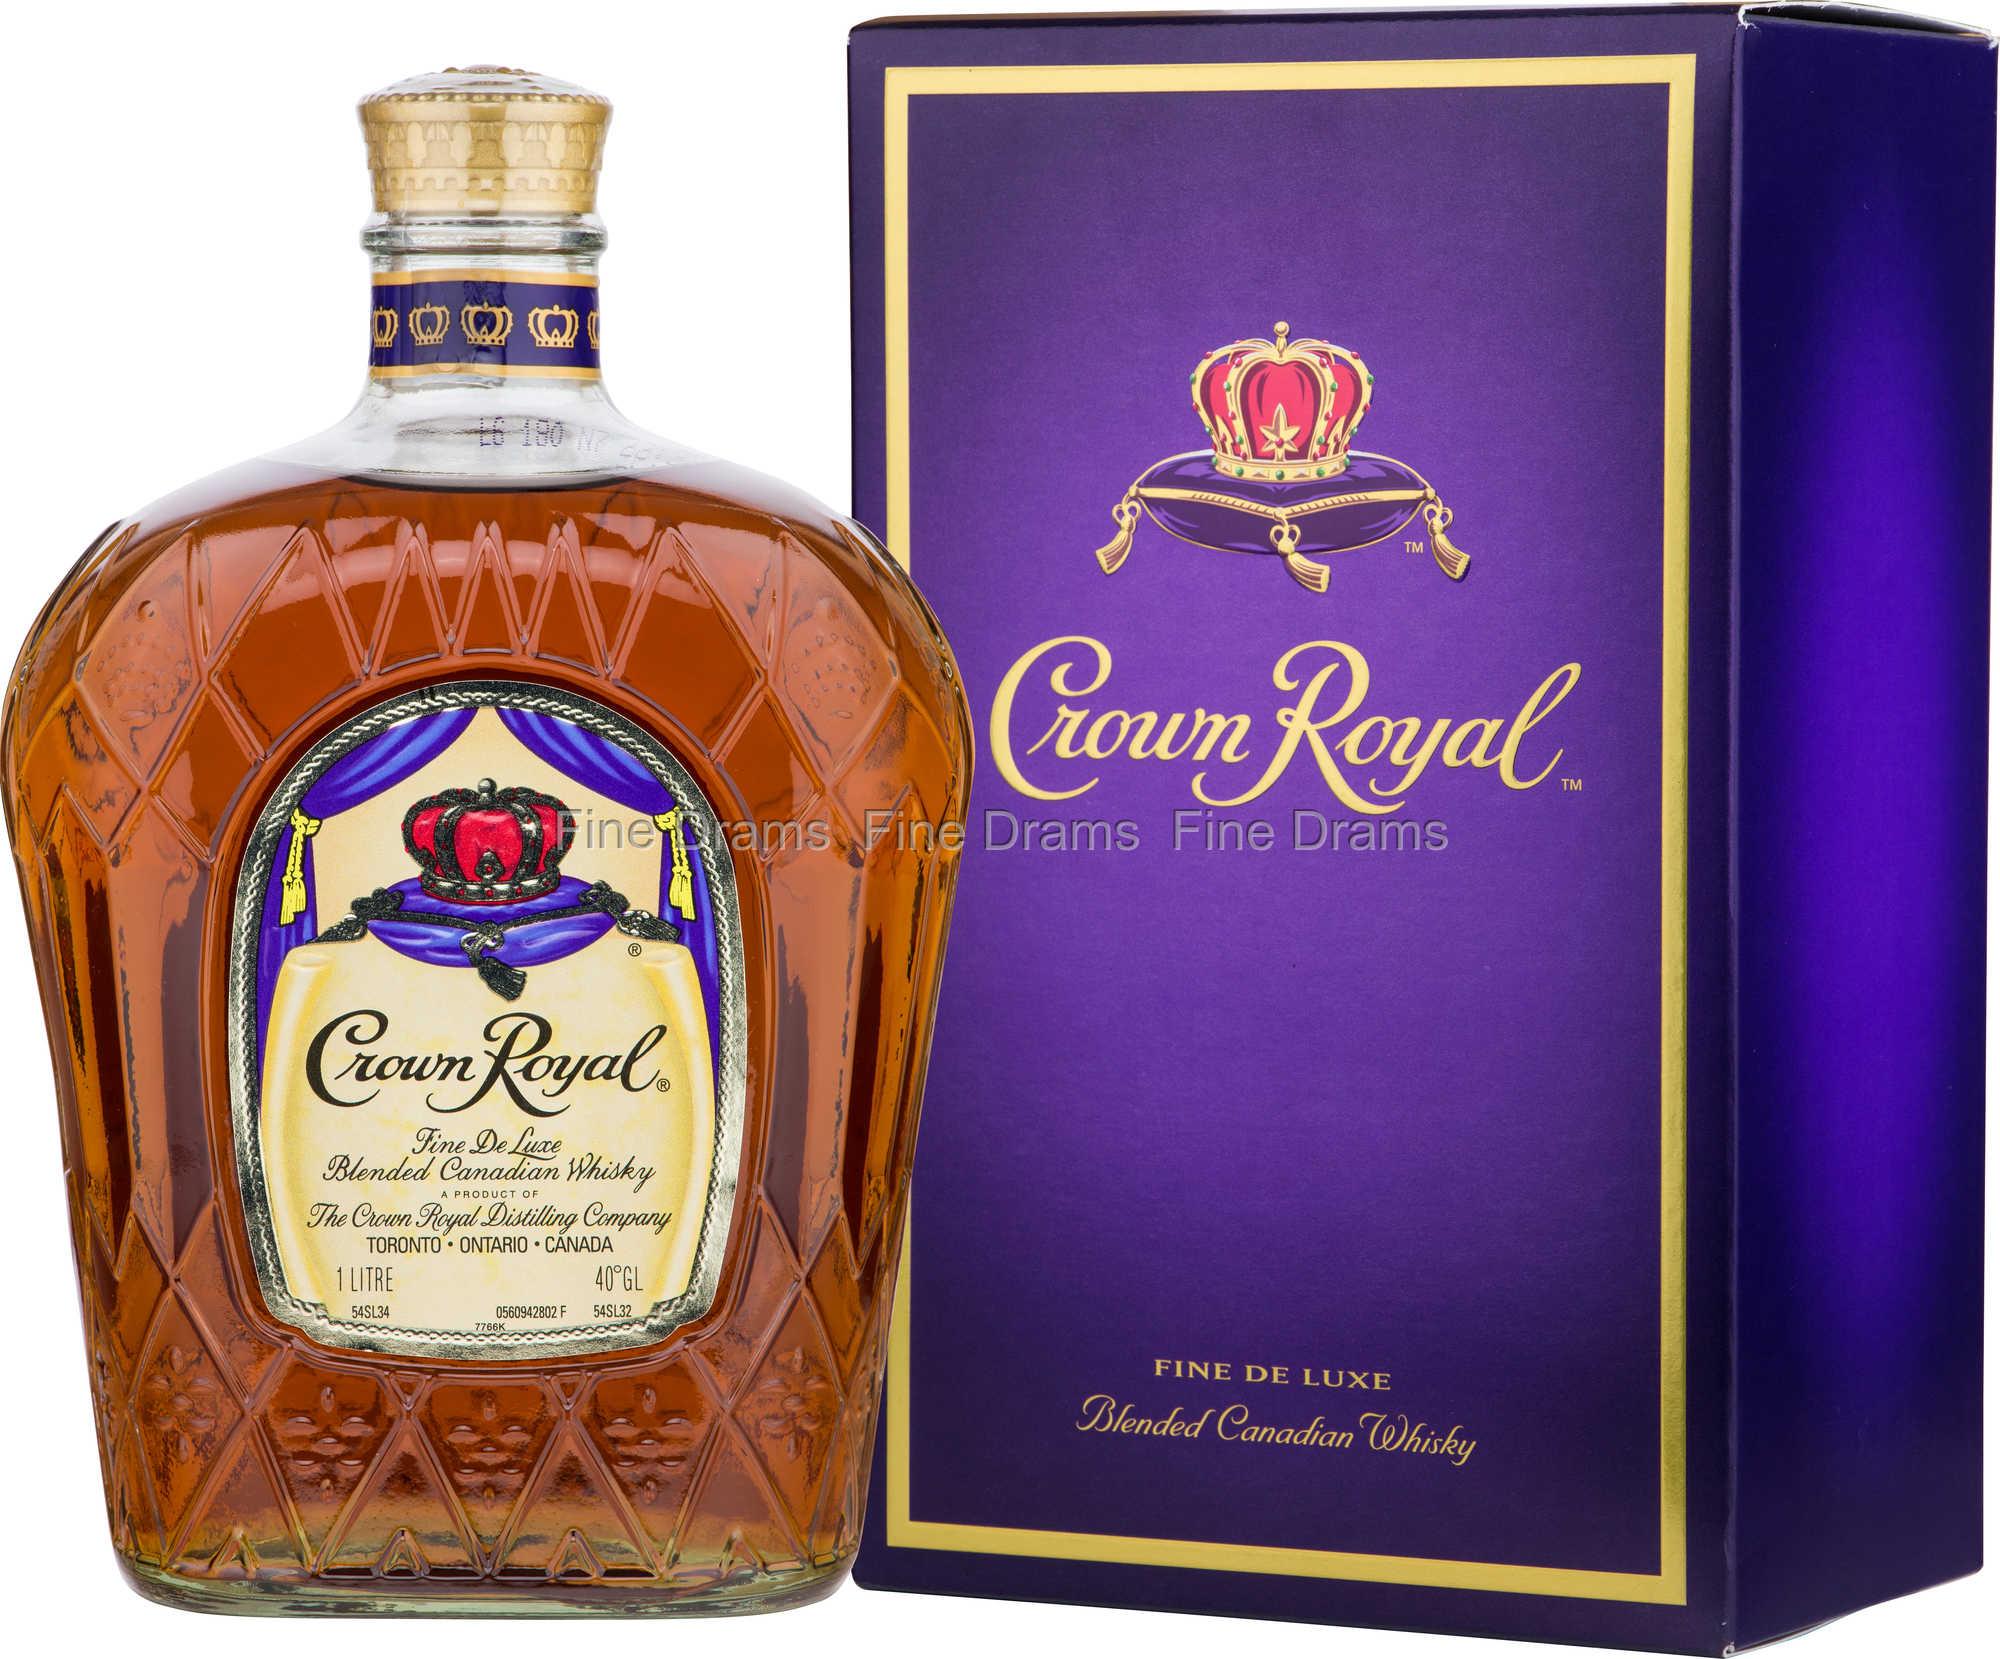 crown royal canadian whisky 1 liter. Black Bedroom Furniture Sets. Home Design Ideas